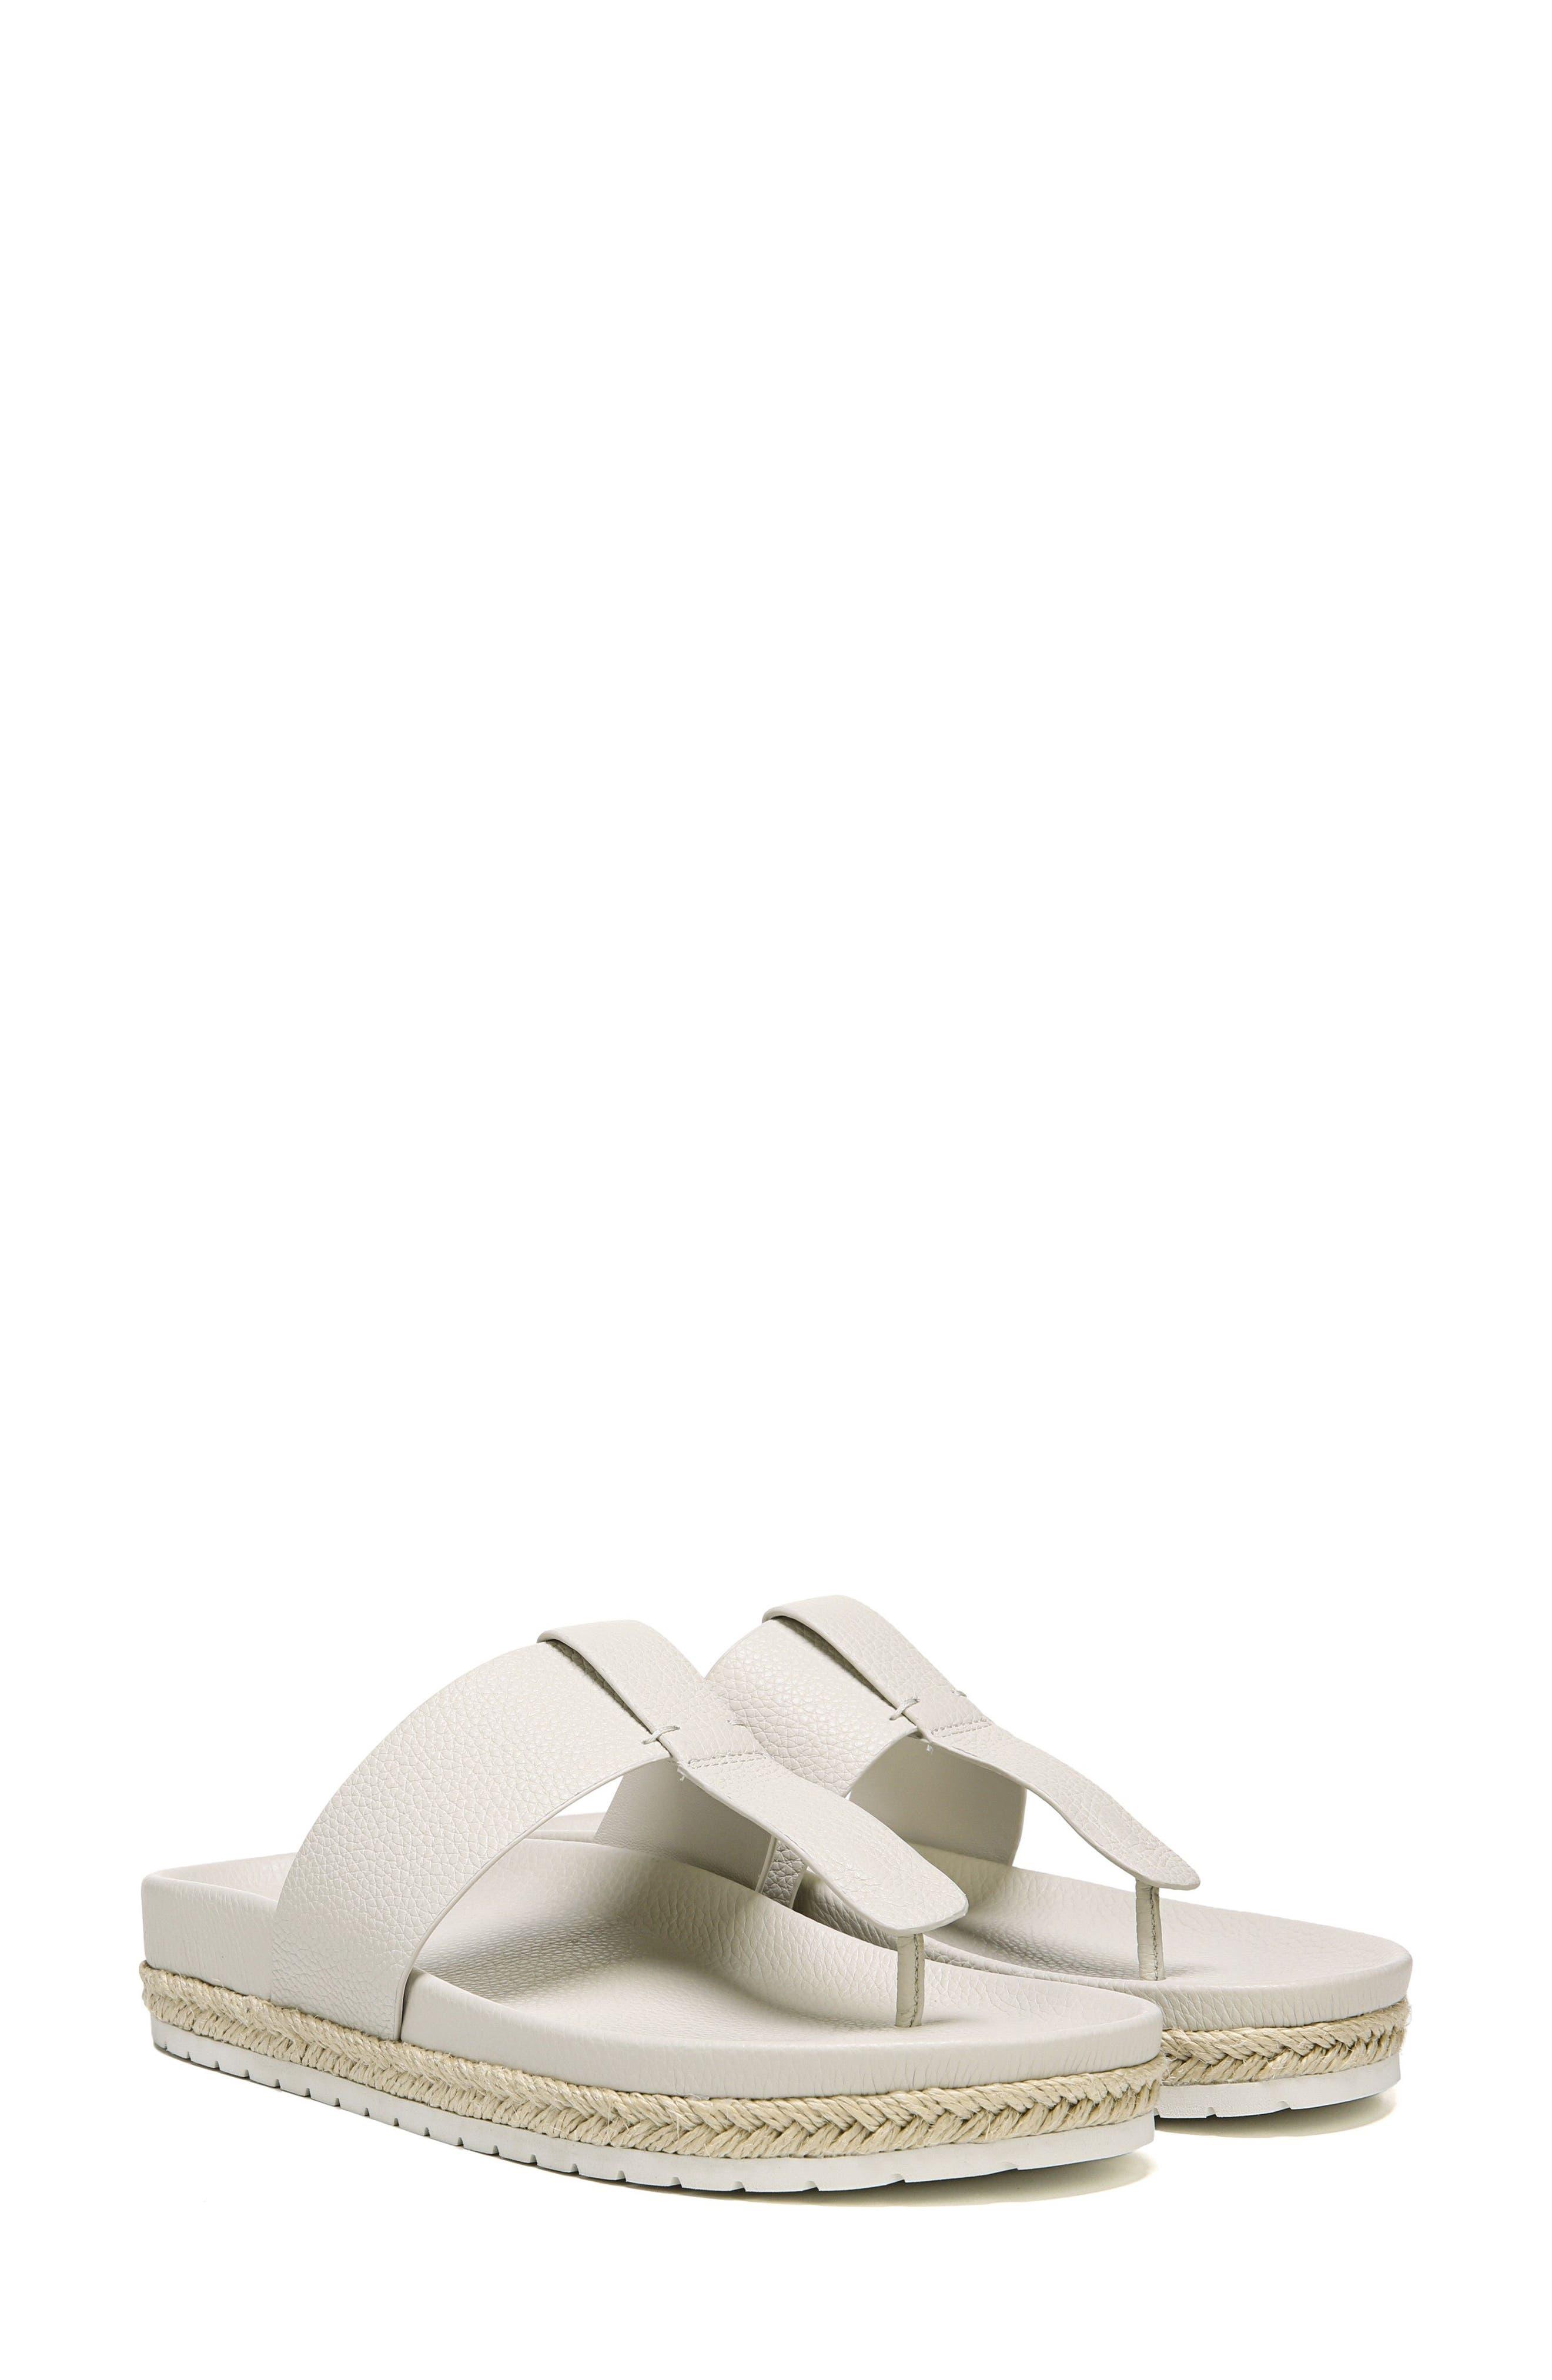 Avani T-Strap Flat Sandal,                             Alternate thumbnail 30, color,